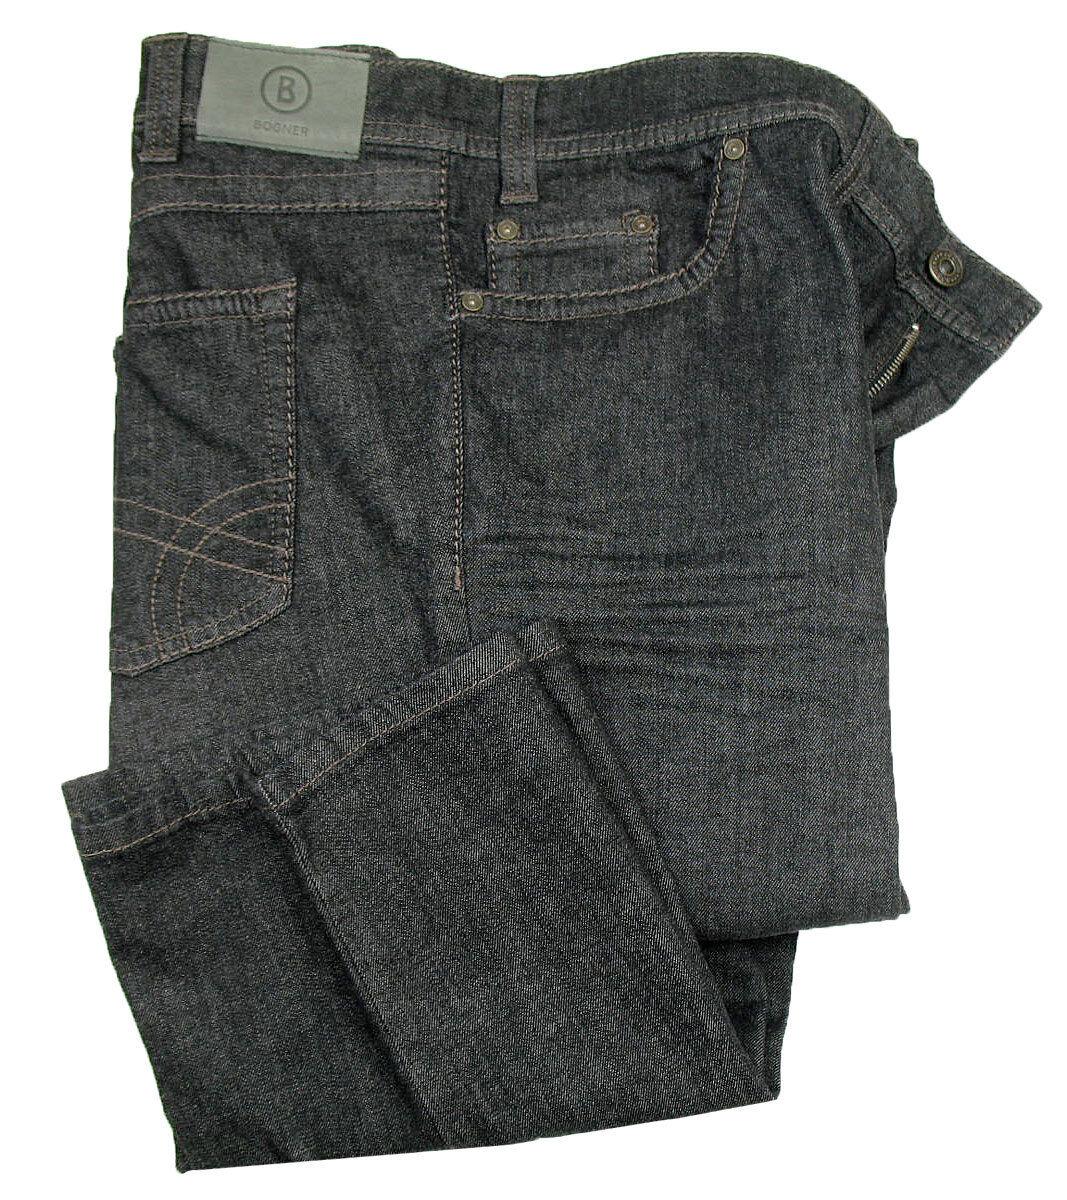 BOGNER Jeans   Vega-Gen ( Comfort Fit ) black treated STRETCH